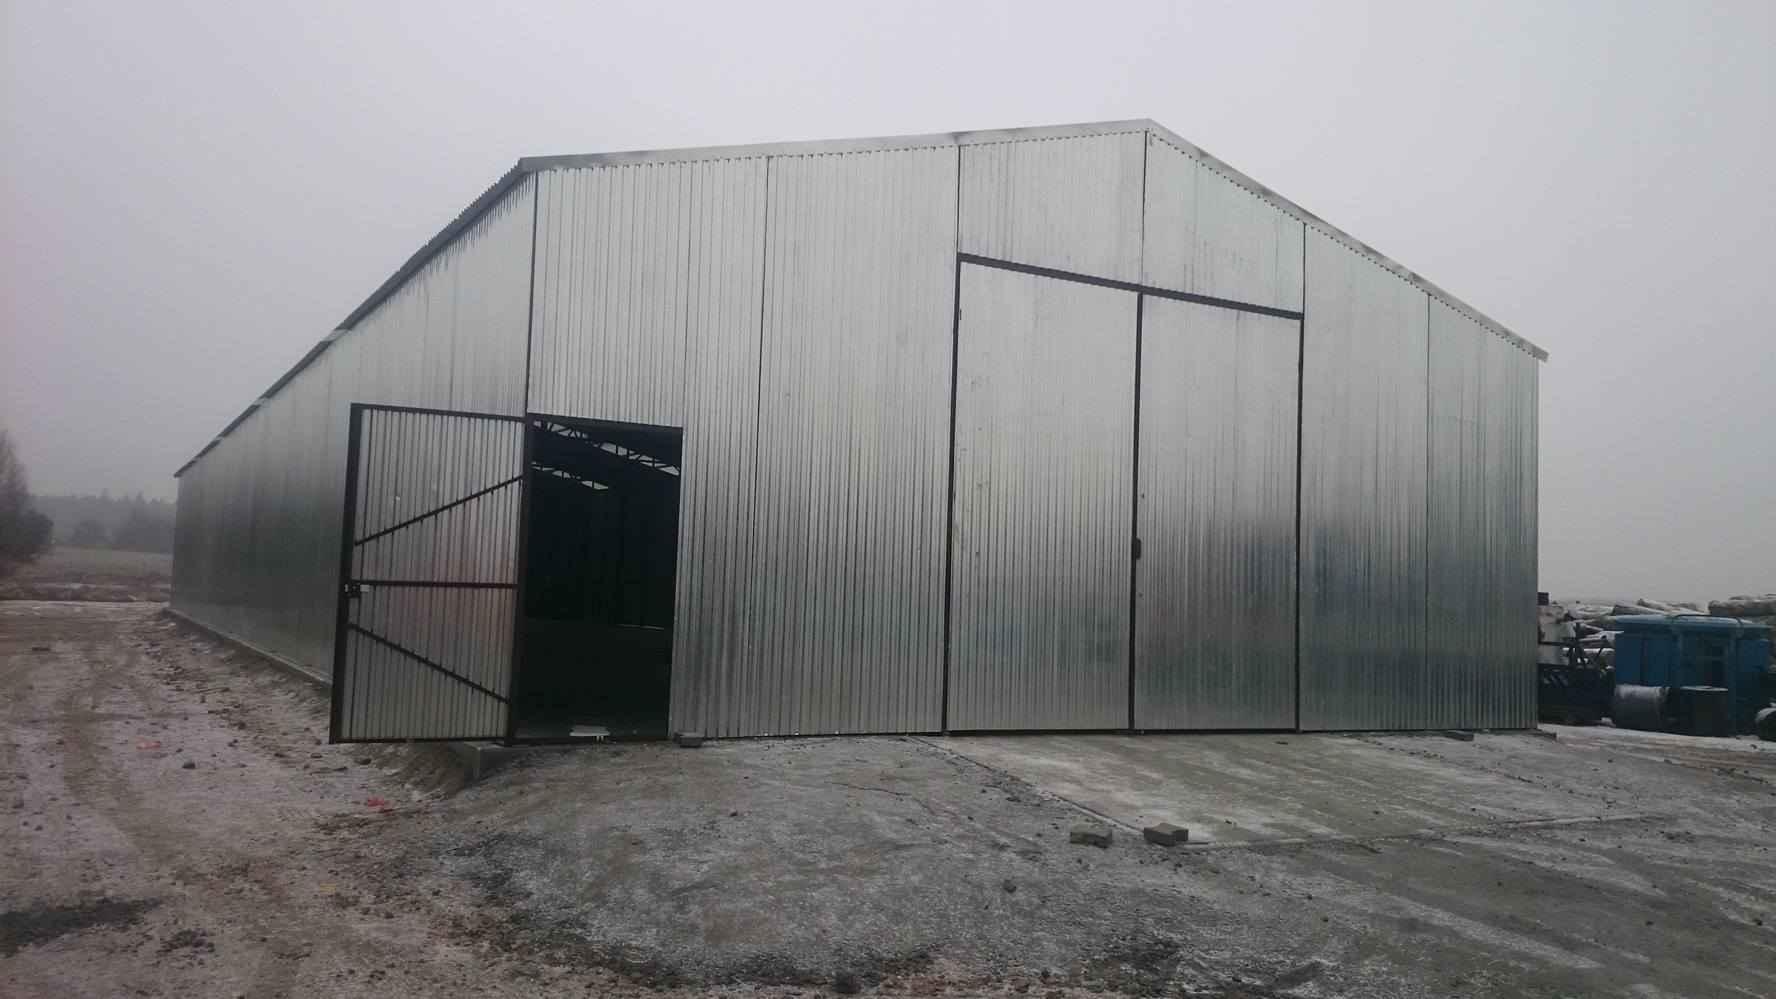 Garaże blaszane, blaszaki, schowki budowlane, kojce,wiaty, hale. Szczecin - zdjęcie 3